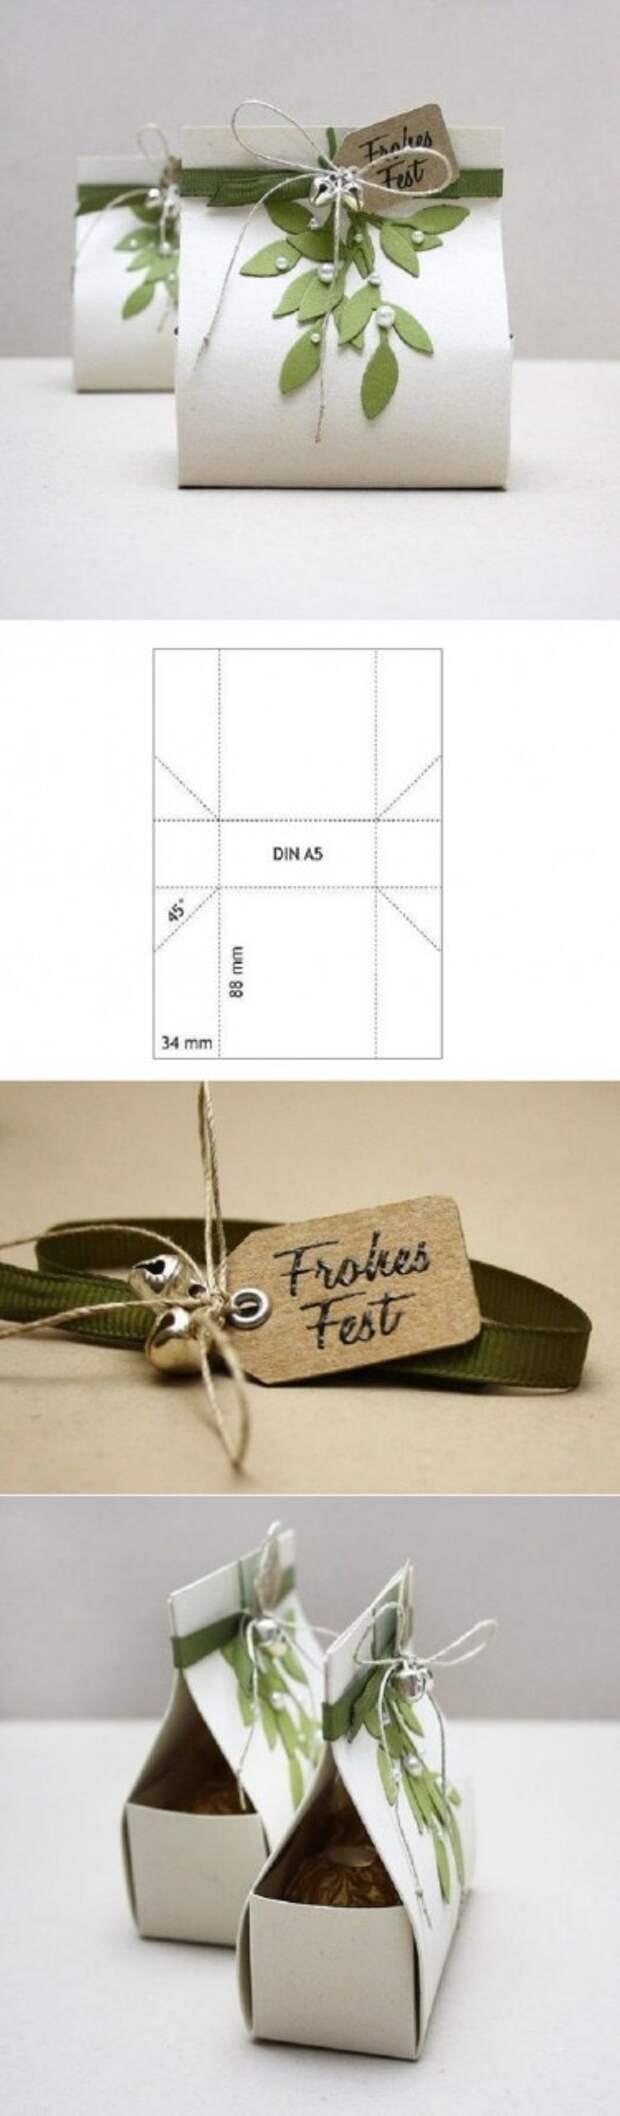 Шаблон упаковки для маленьких подарков